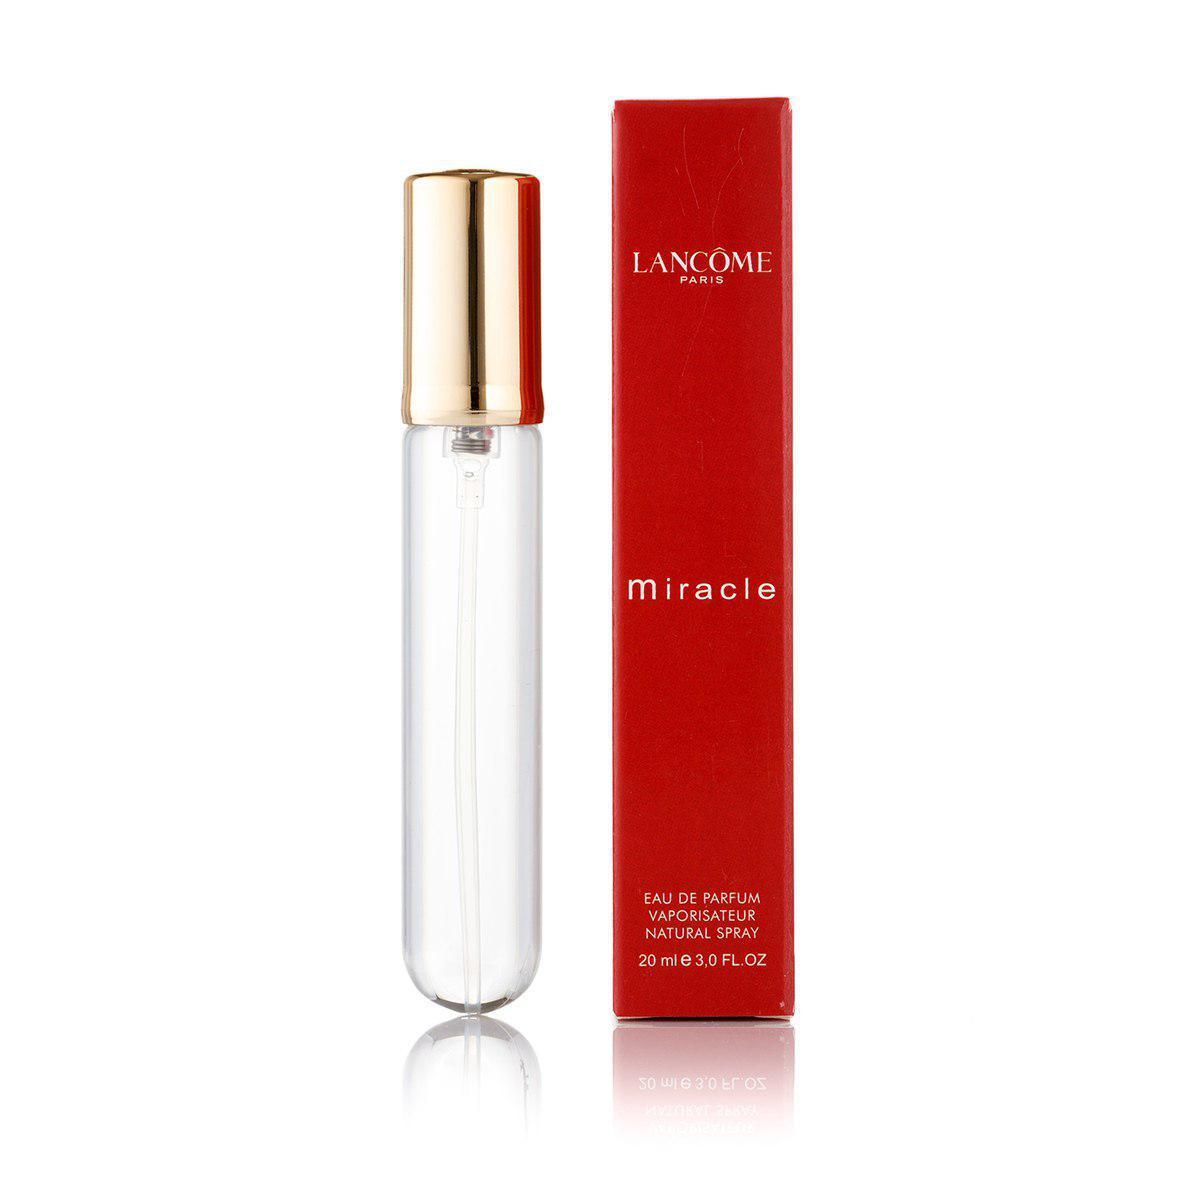 Минипарфюм 20 ml Lancom Miracle (реплика)